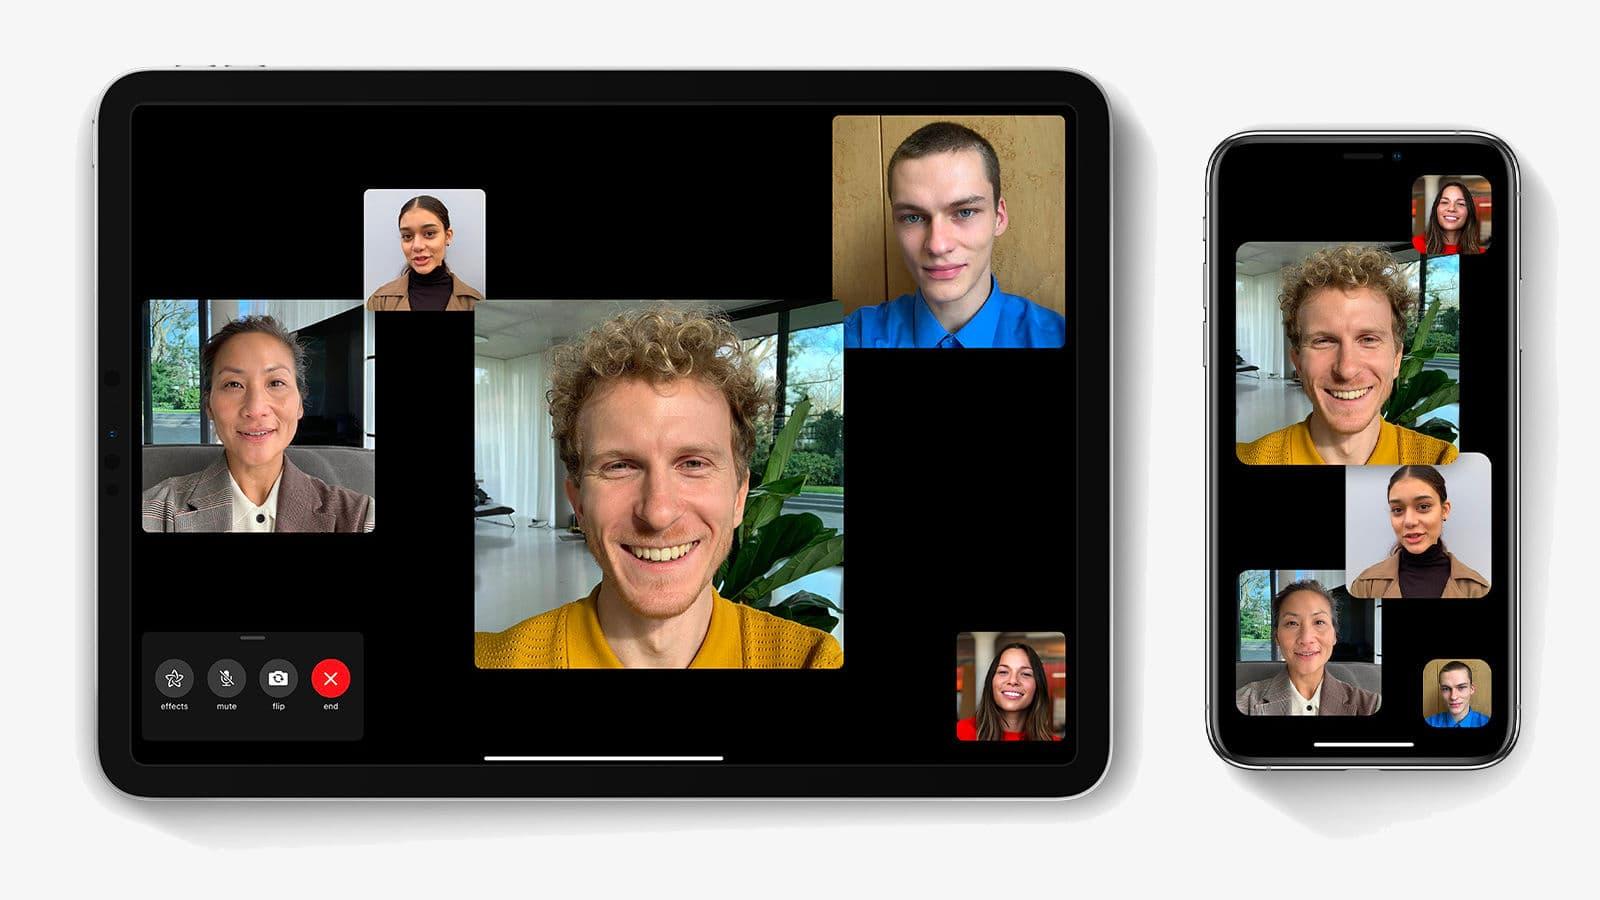 Tela do do Apple FaceTime